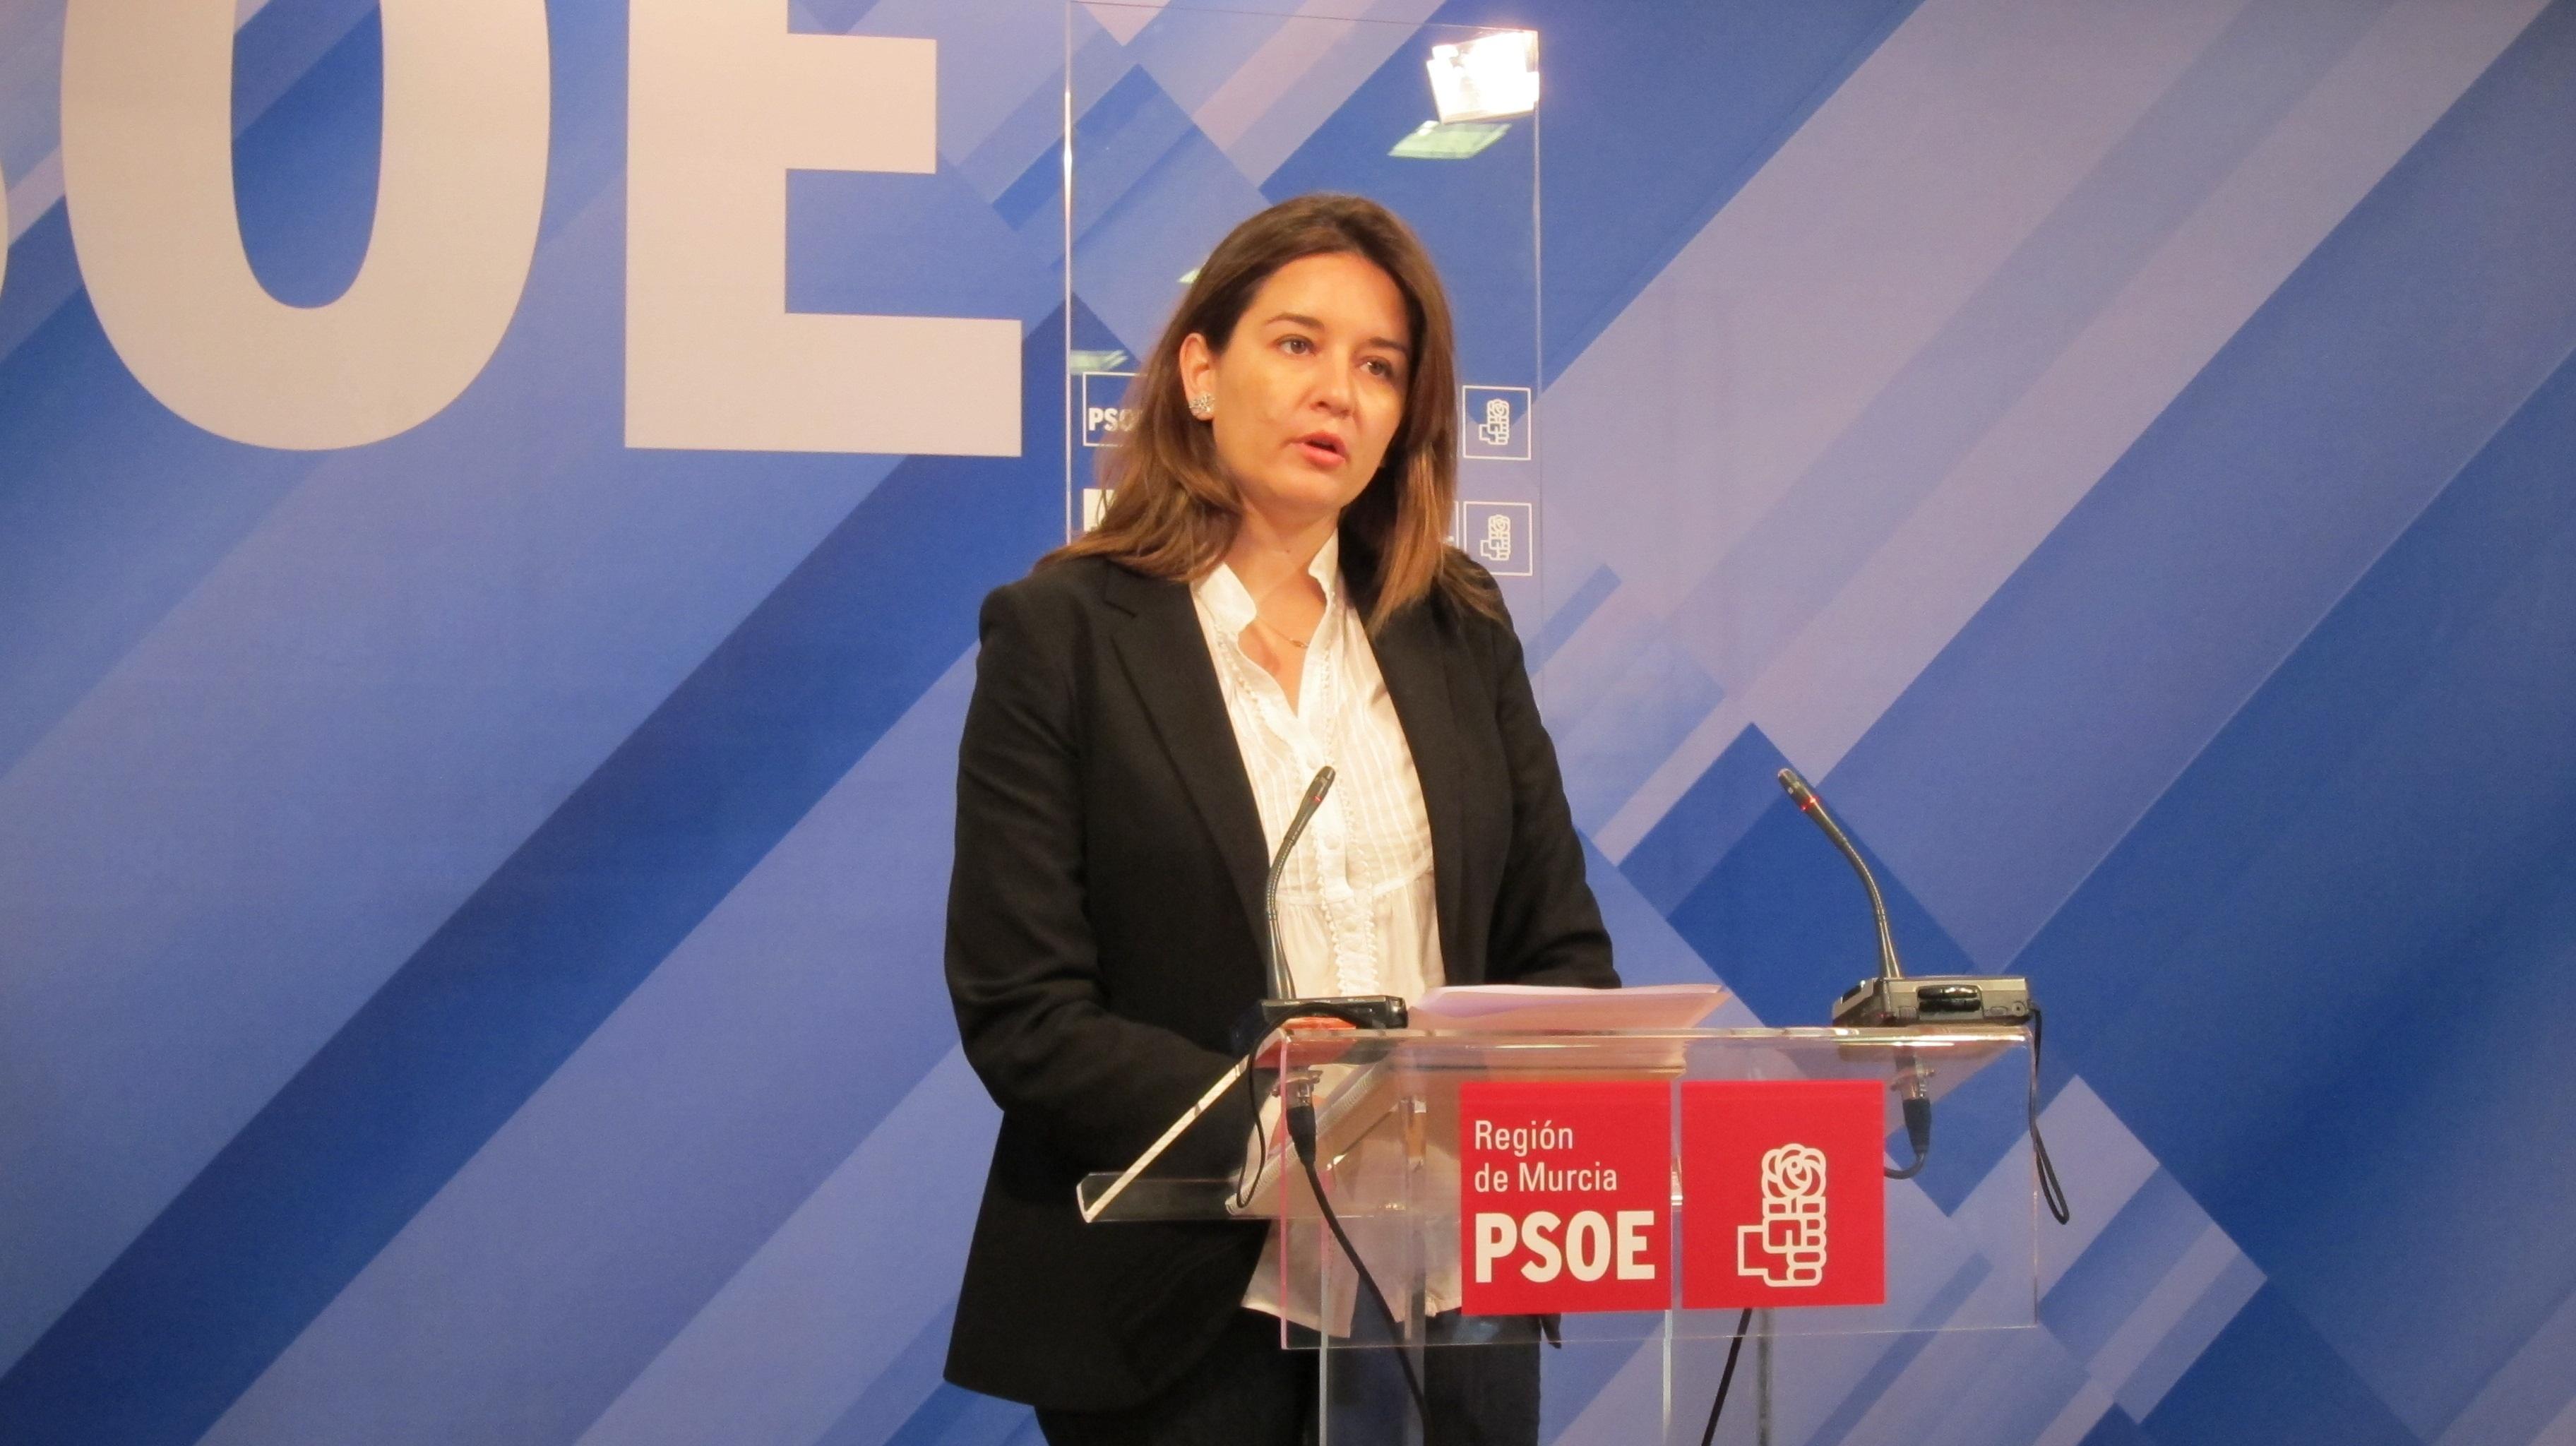 El PSRM considera la dimisión de Sotoca fruto de la política de recortes de los gobiernos del PP